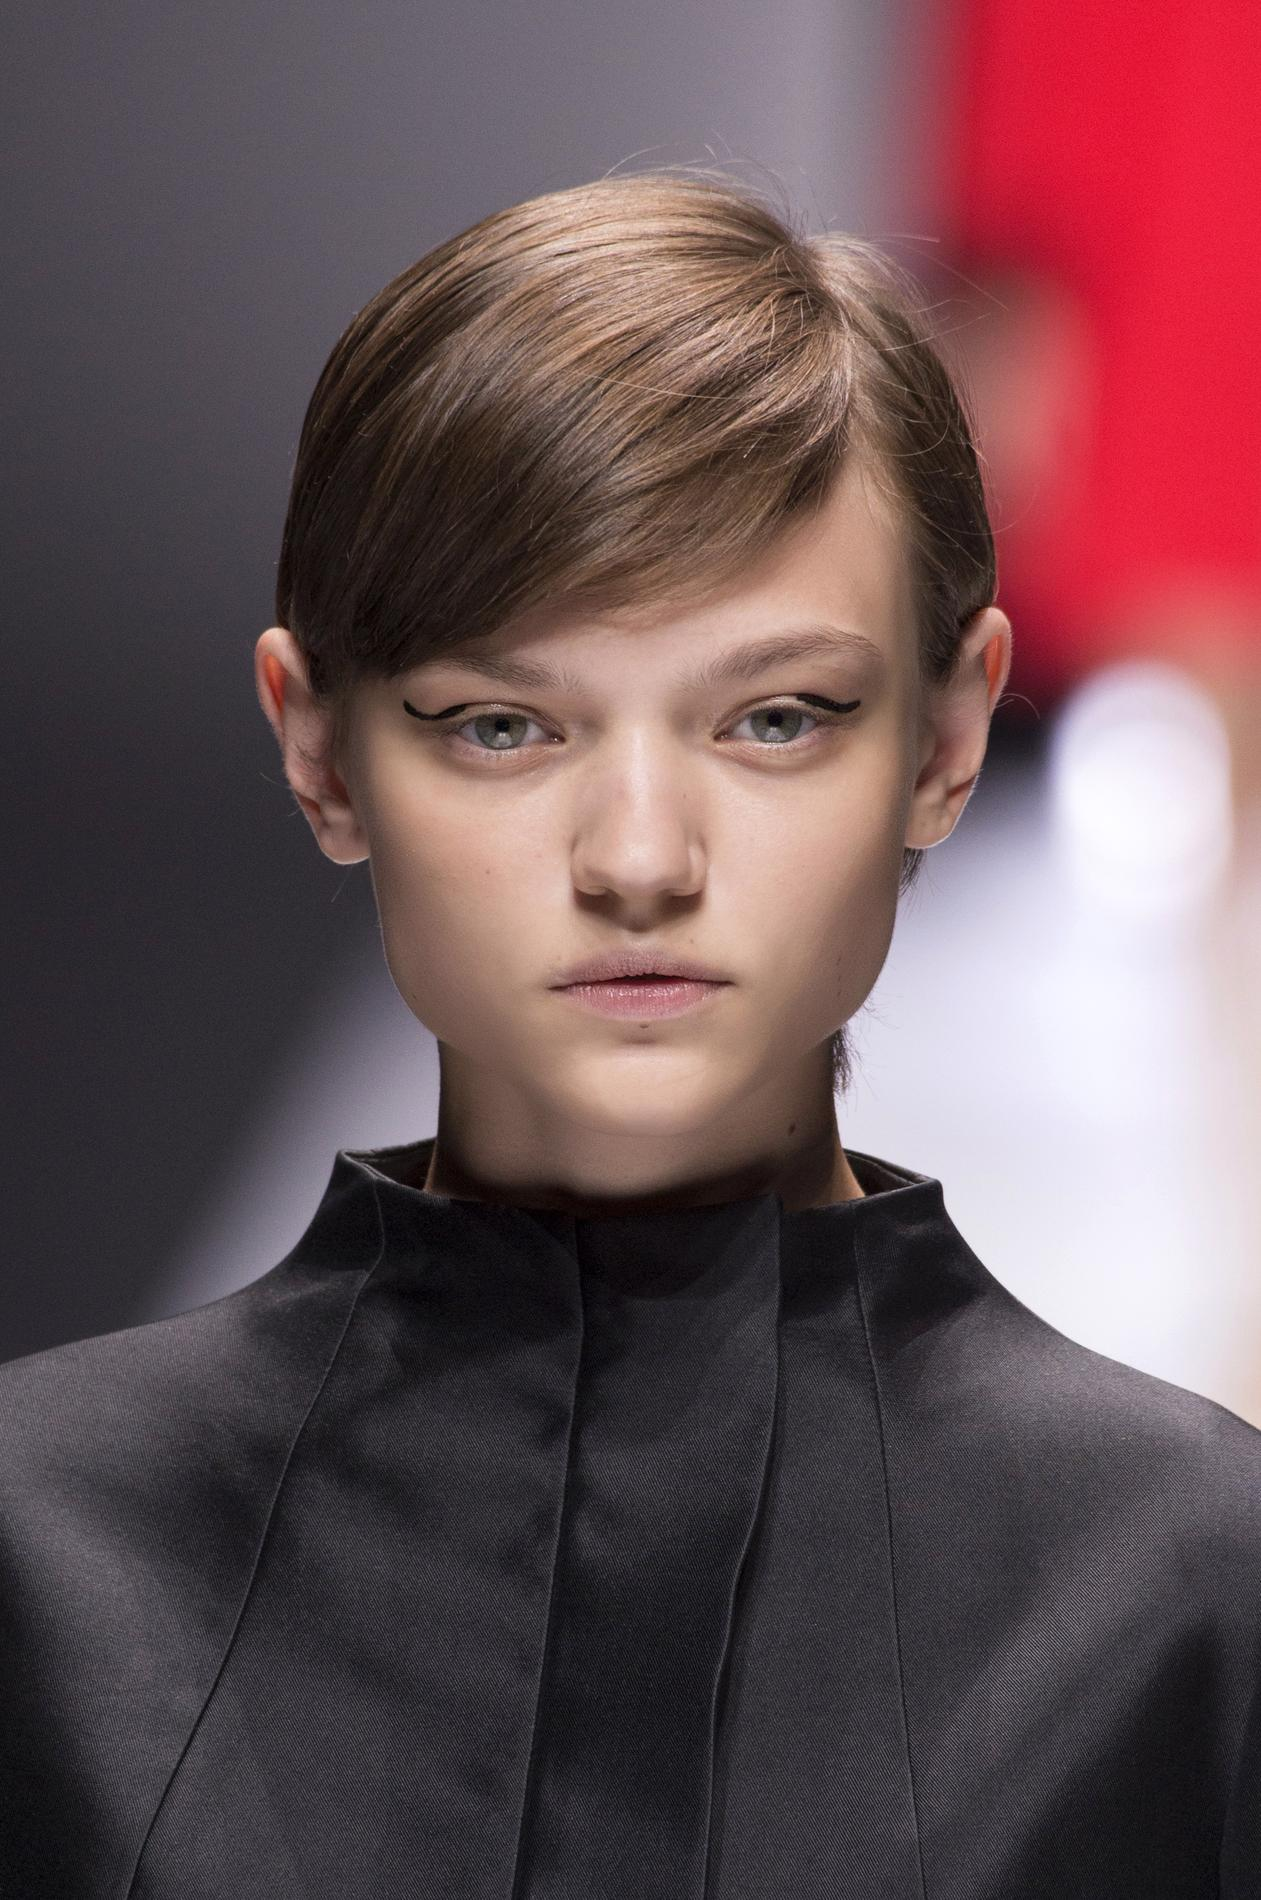 ... de coupes pour cheveux fins - Carré long ondulé Vingt idées de coupes  pour cheveux fins - Coupe au bol Vingt idées de coupes pour cheveux fins -  Dégradé ... adad64ff1bf